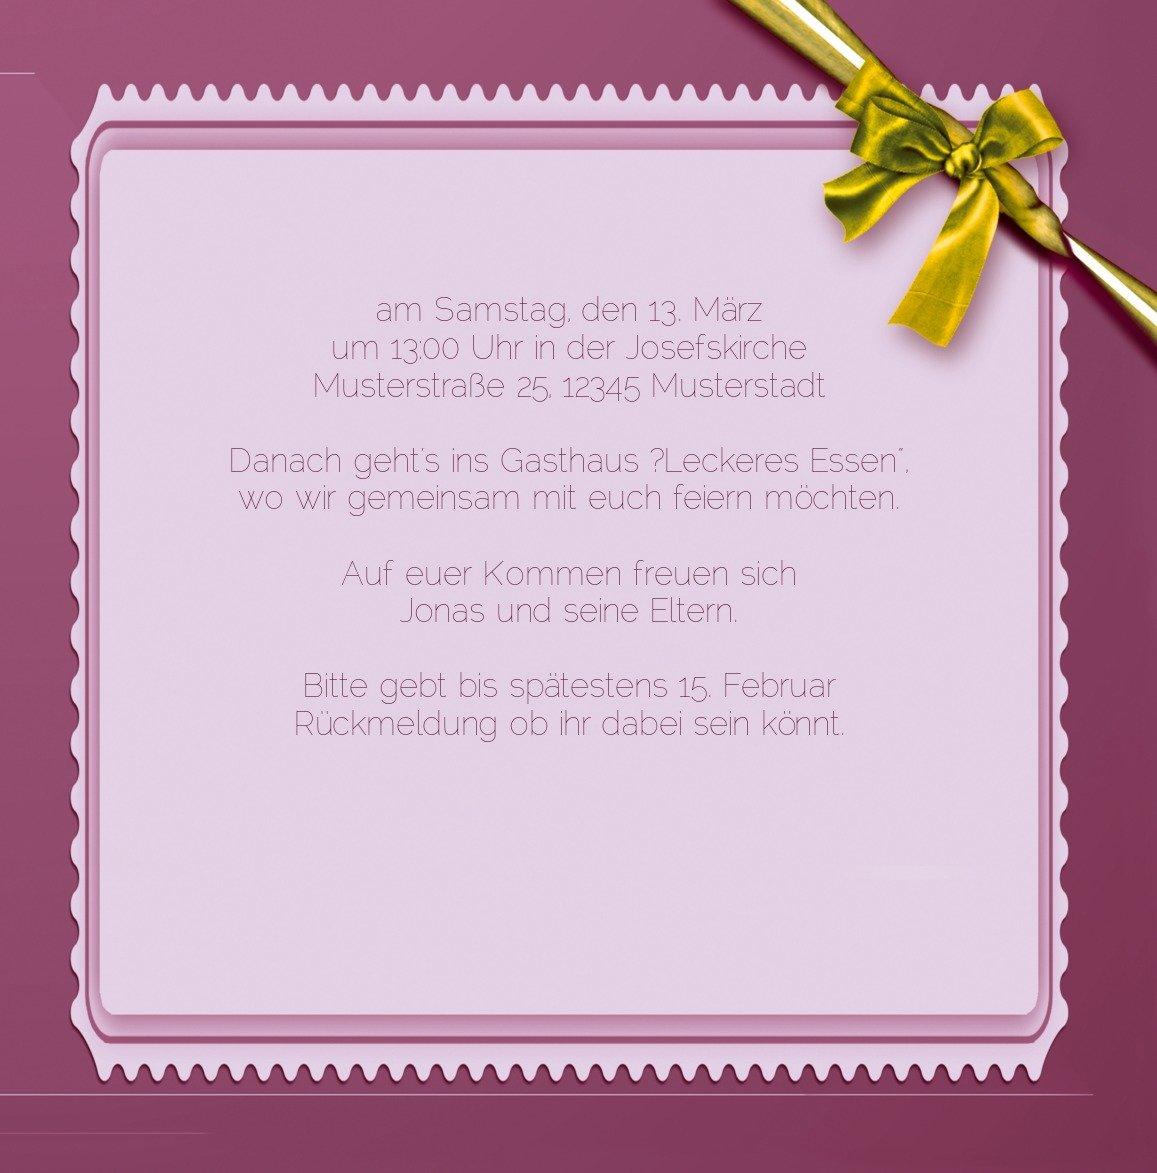 Kartenparadies Einladungskarte Taufeinladung Taufkarte Ribbon, hochwertige Einladung zur Taufe inklusive inklusive inklusive Umschläge   10 Karten - (Format  145x145 mm) Farbe  Rosalila B01N5V8PKS | Kompletter Spezifikationsbereich  | Verschiedene Arten und Stile  | S 272d36